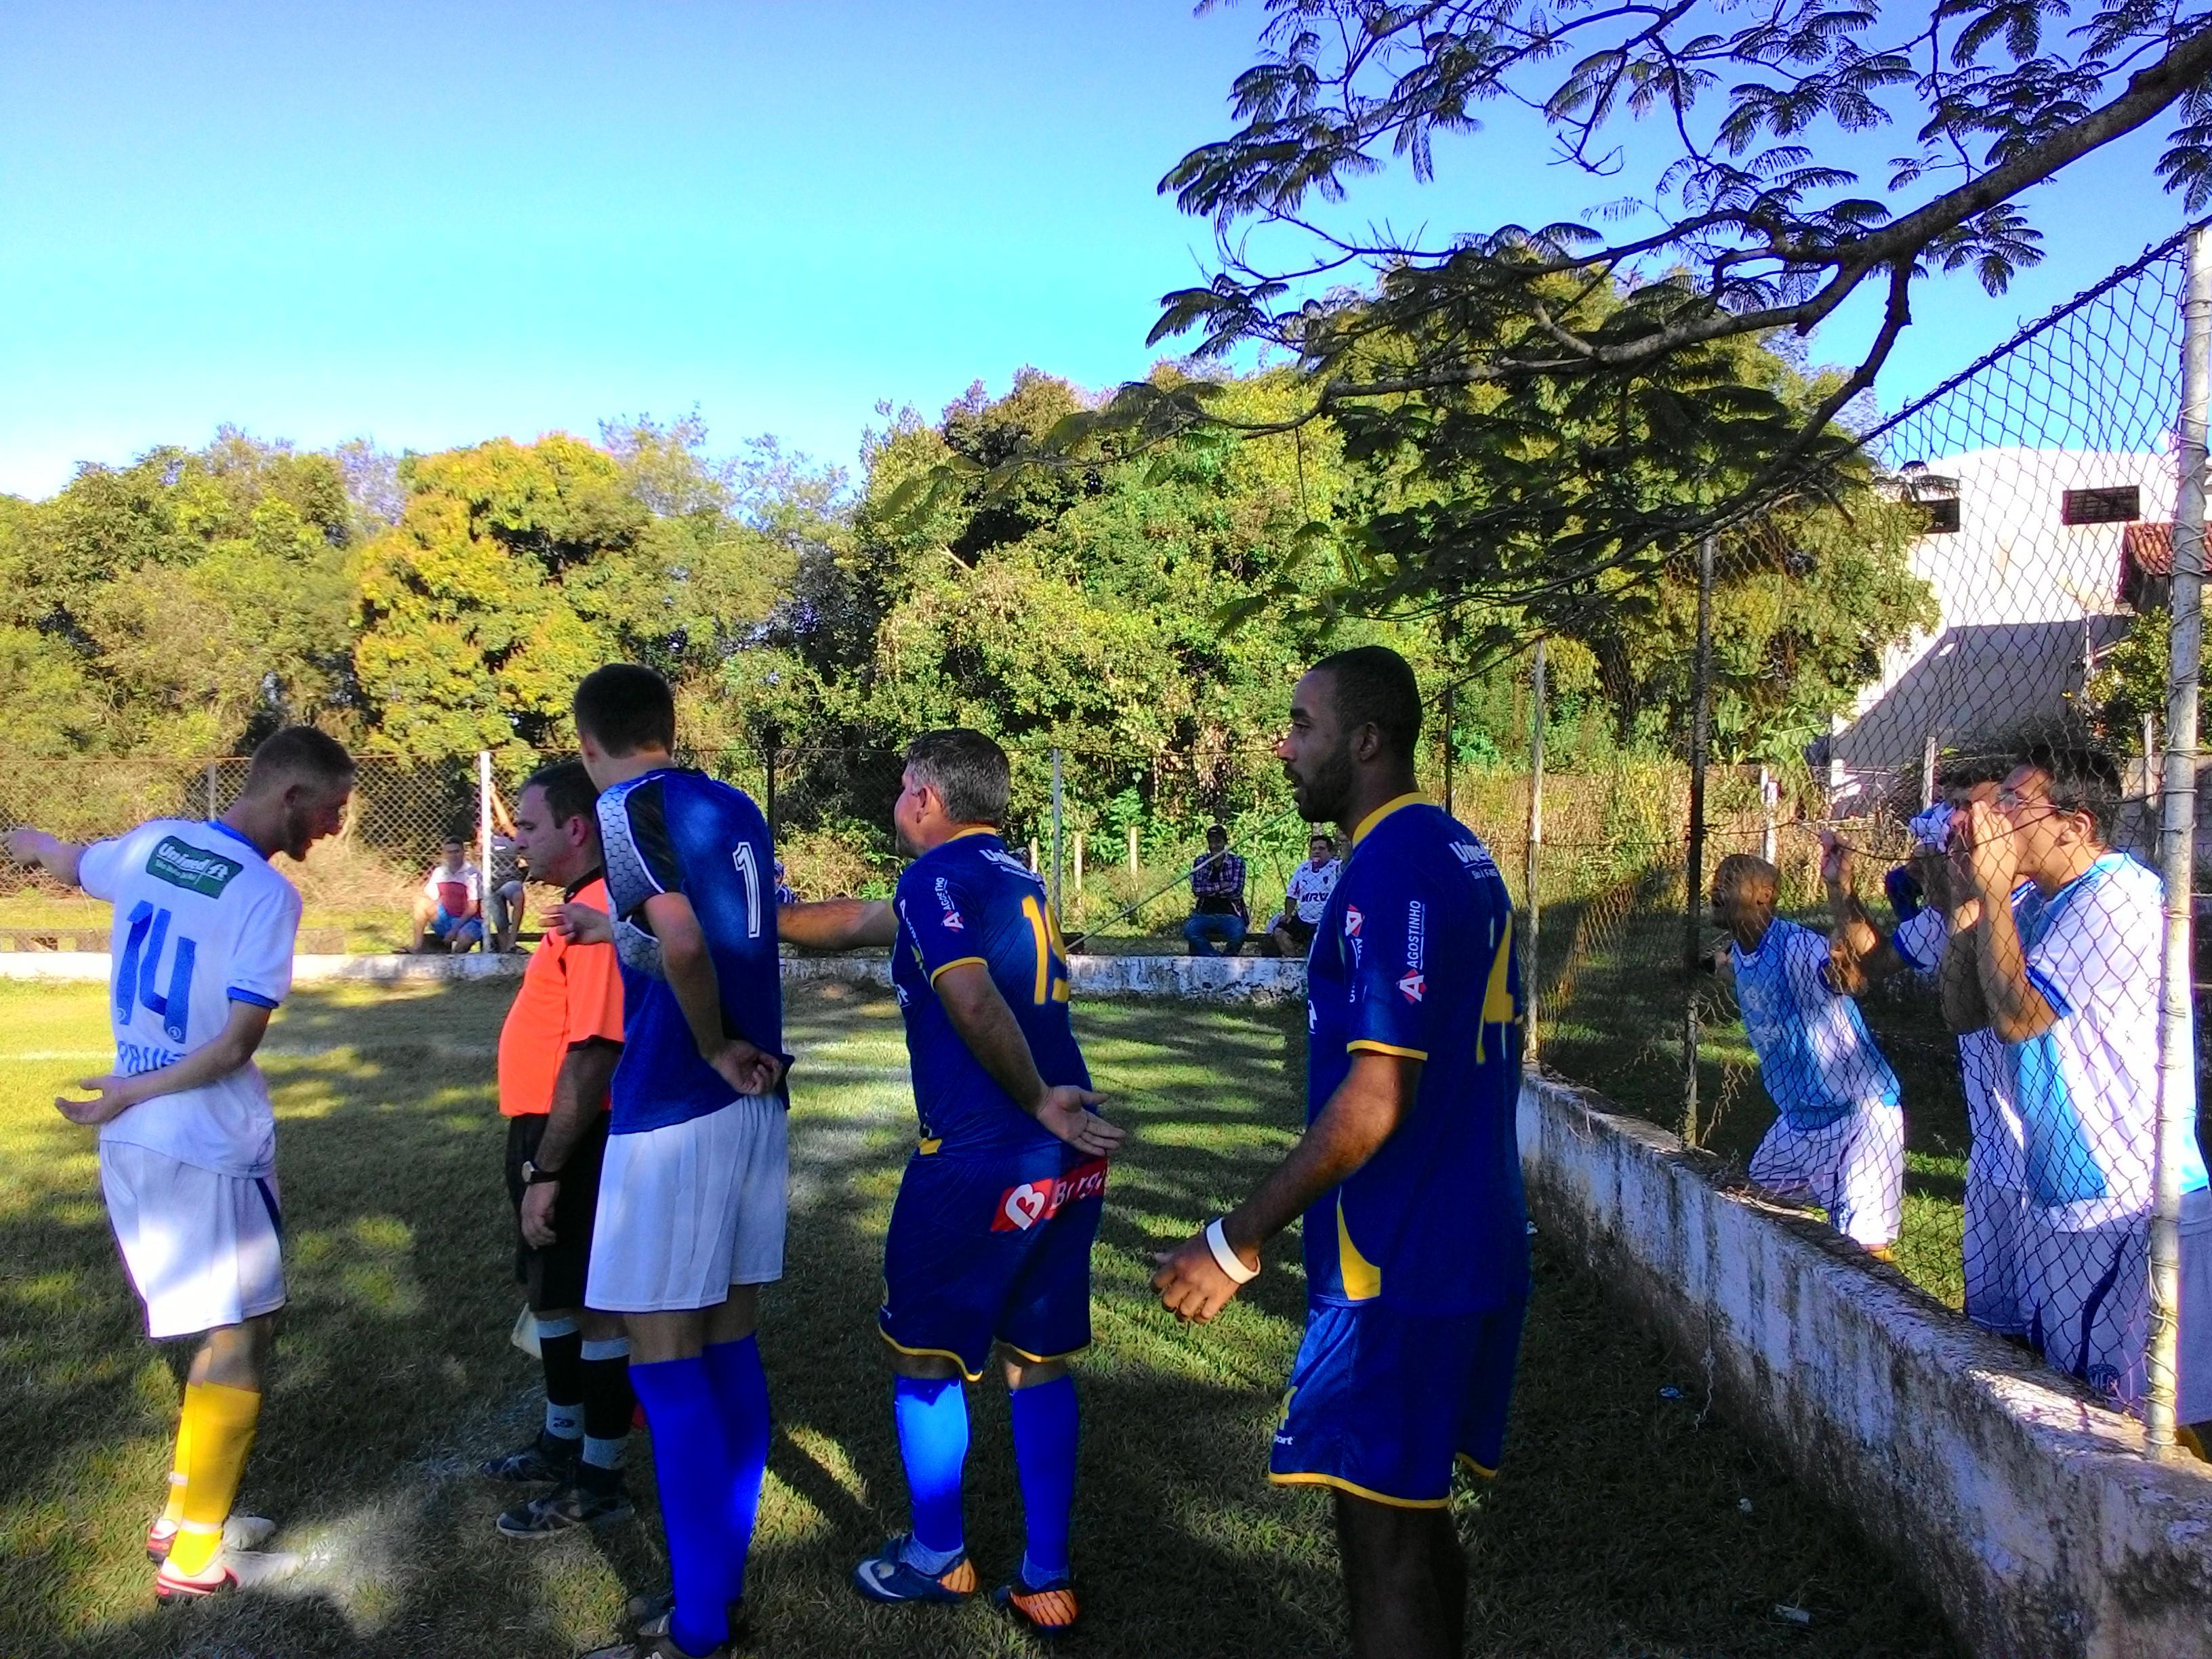 Jogadores do Social (azul) e do Minas (branco) cercam o árbitro auxiliar. FOTO/VAN: Anna Virgínia